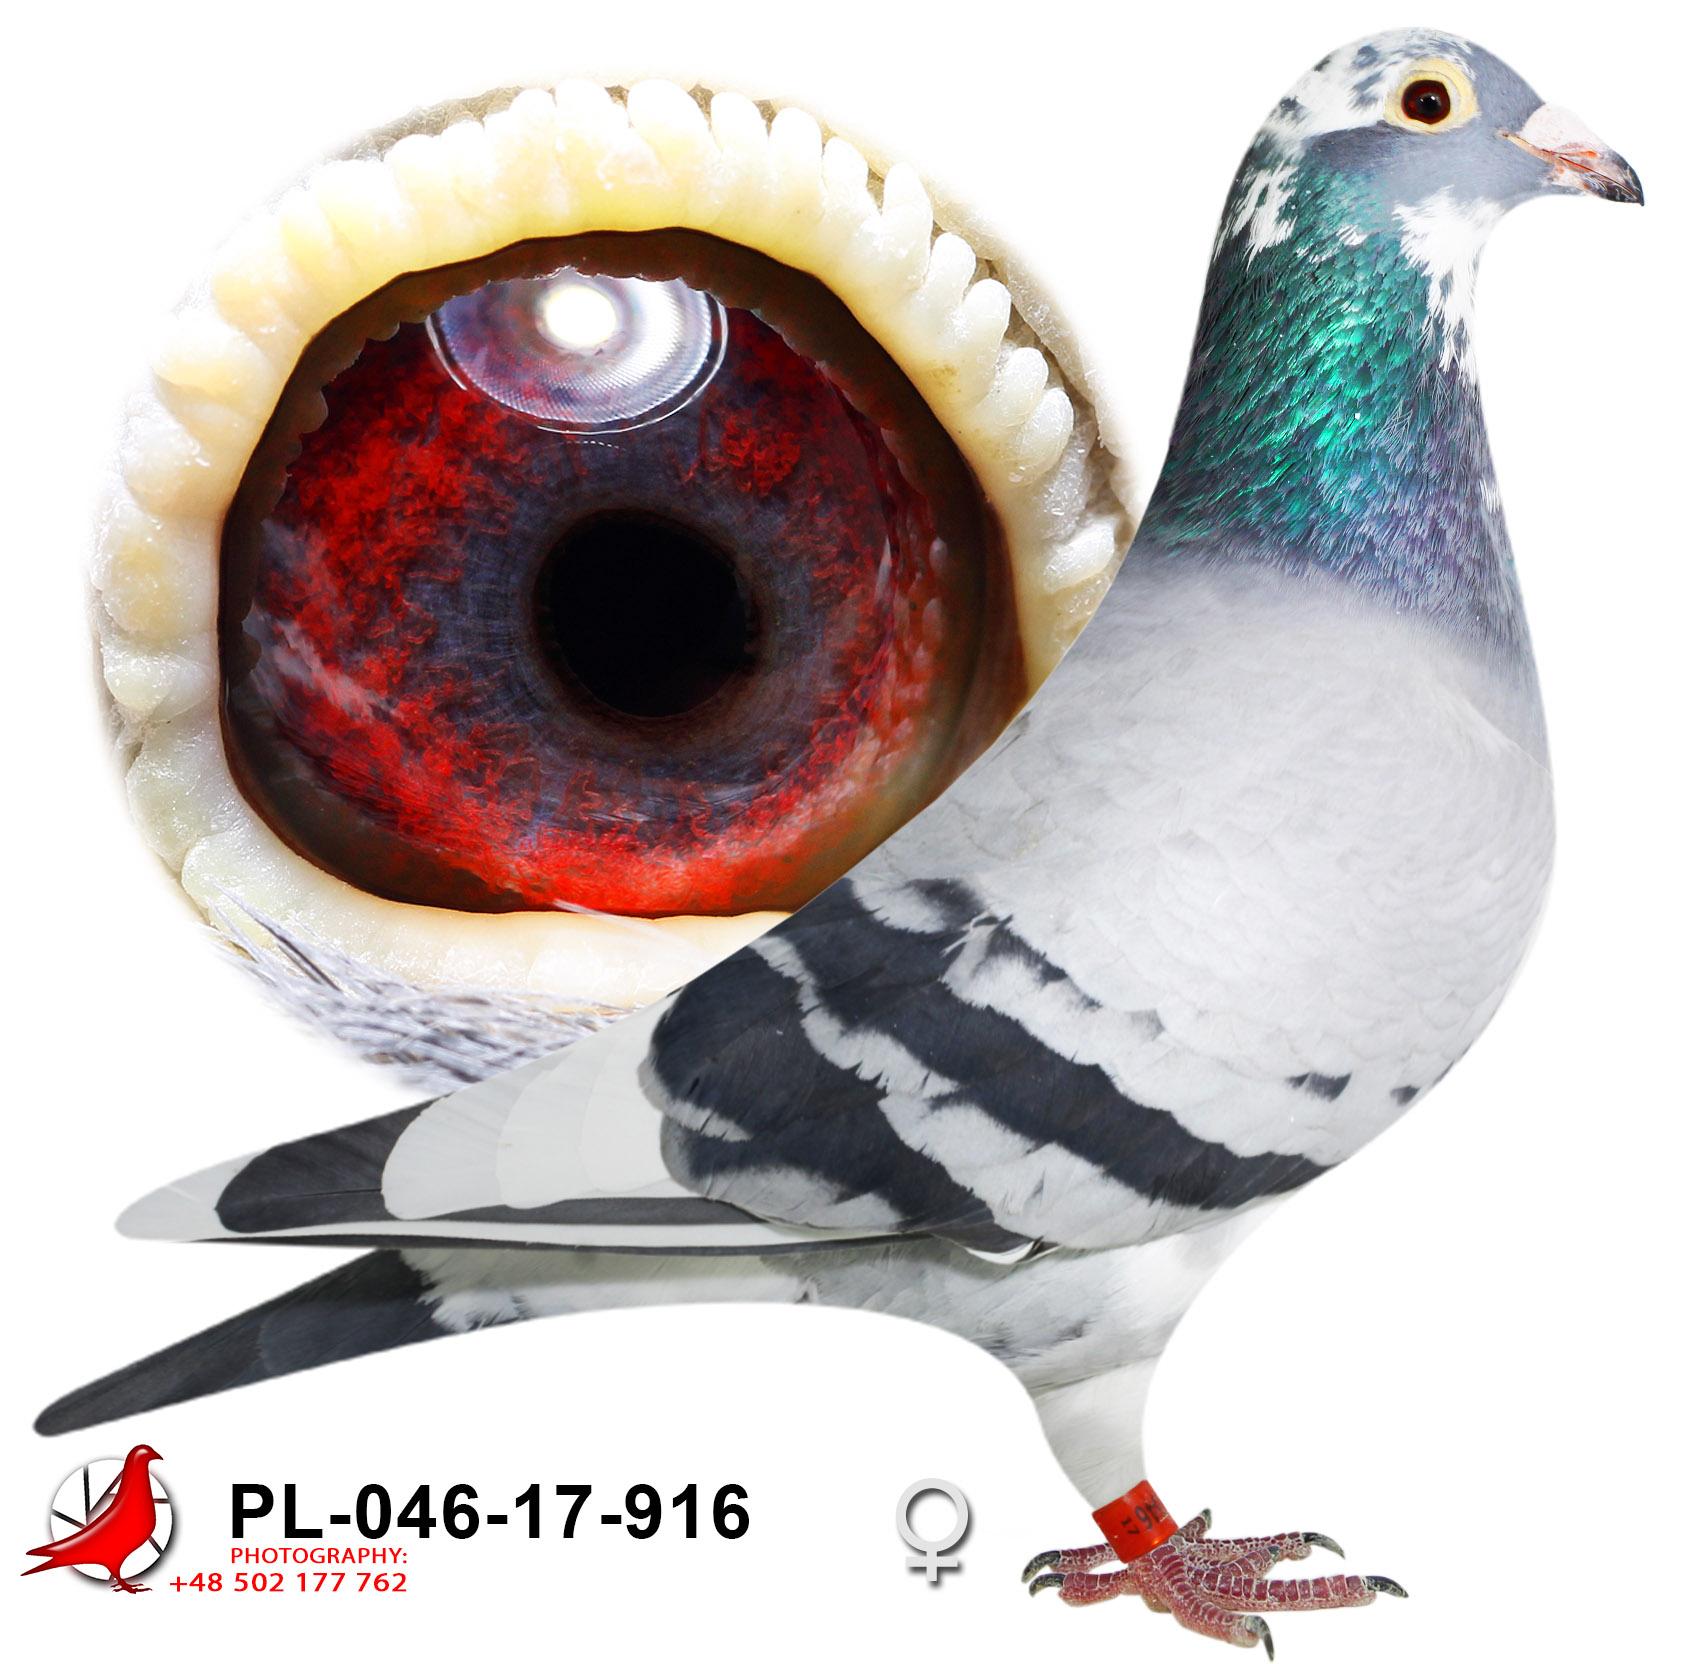 pl-046-17-916_h (1)